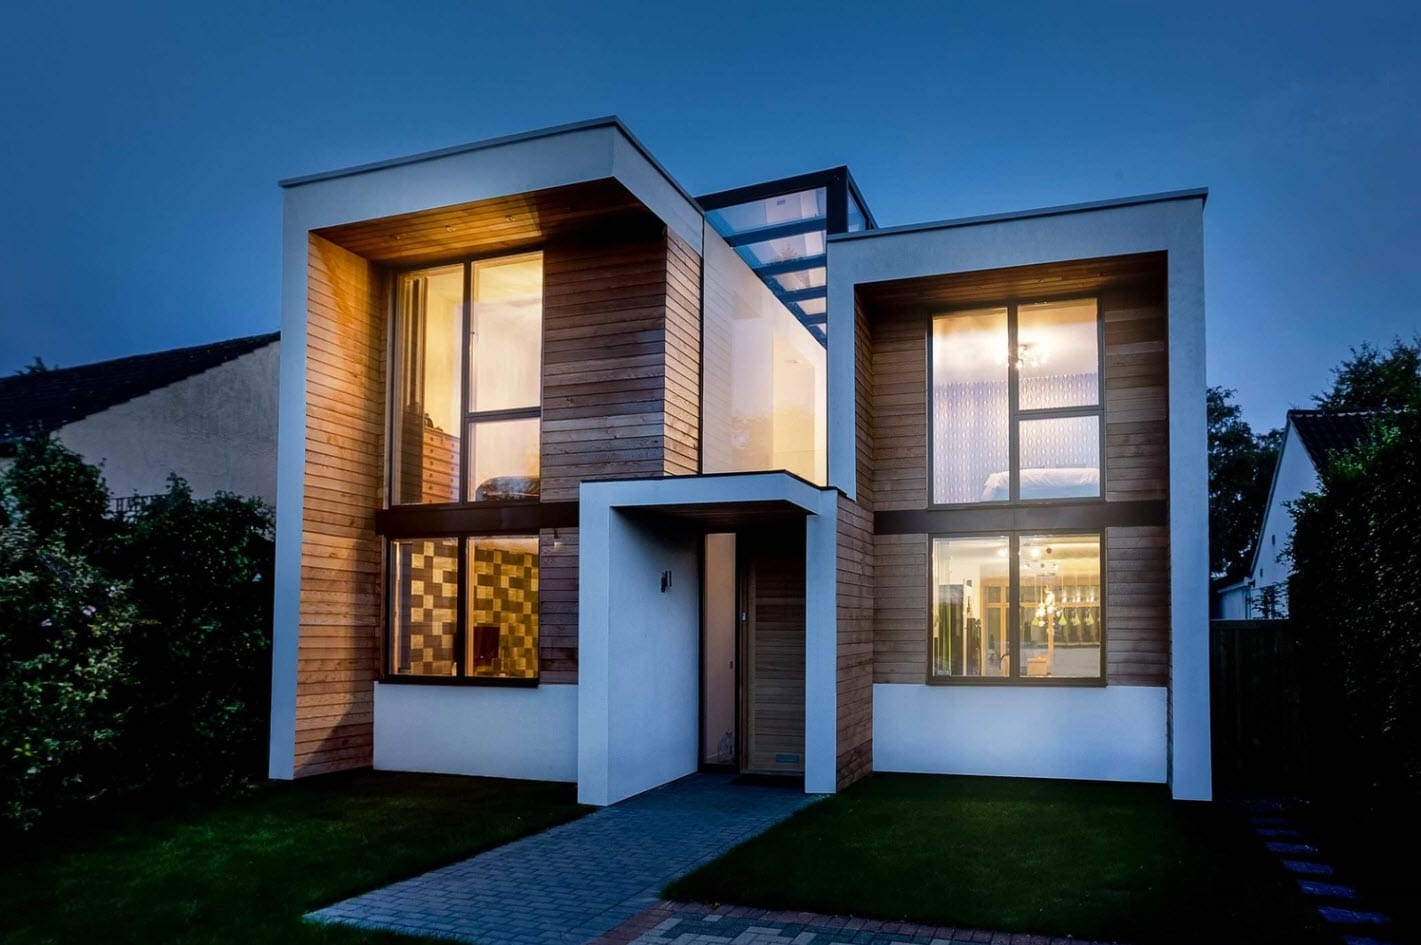 Dise o casa moderna de dos pisos for Fachada de casa moderna de un piso